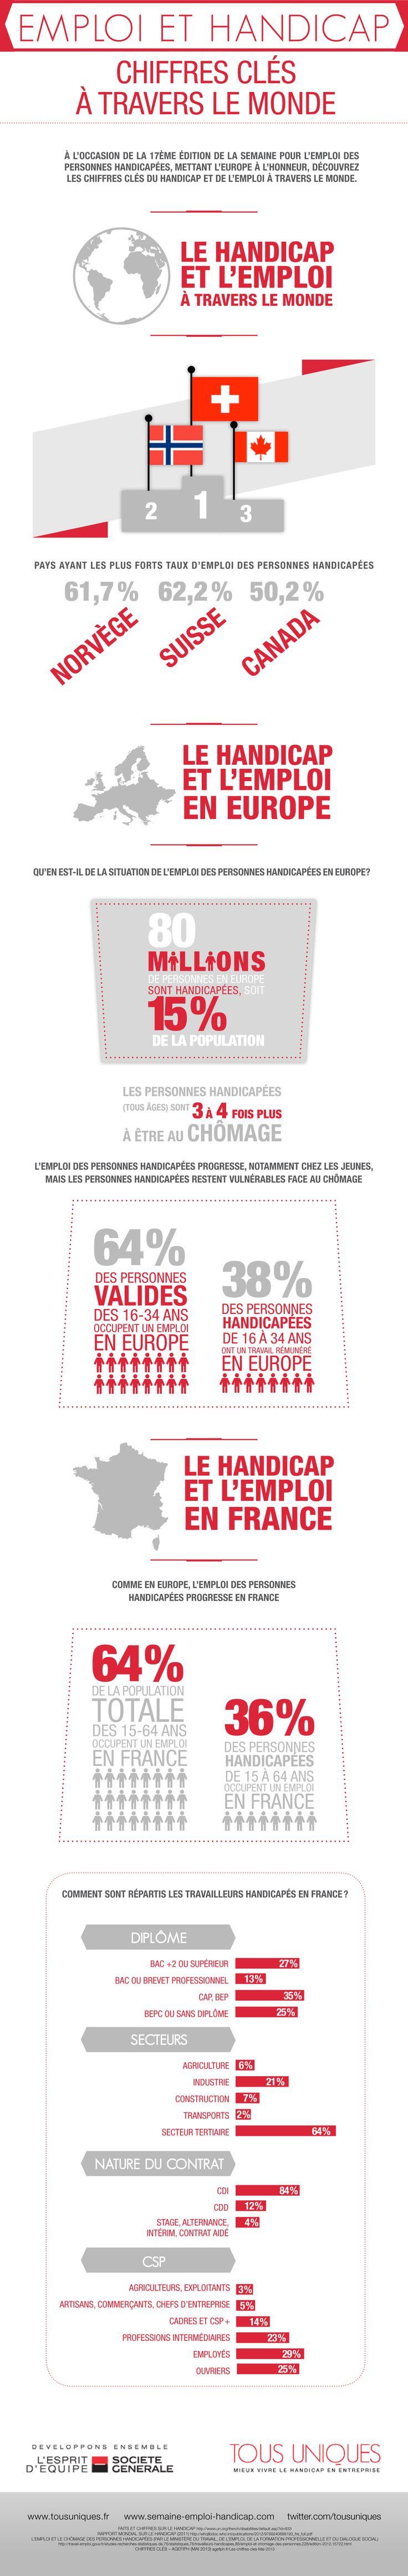 """[Infographie] Le Handicap et l'Emploi à travers le Monde : Découvrez les chiffres clés sur le thème """"#Handicap & emploi"""" http://www.tousuniques.fr/2013/11/infographie-handicap-lemploi-travers-monde/"""